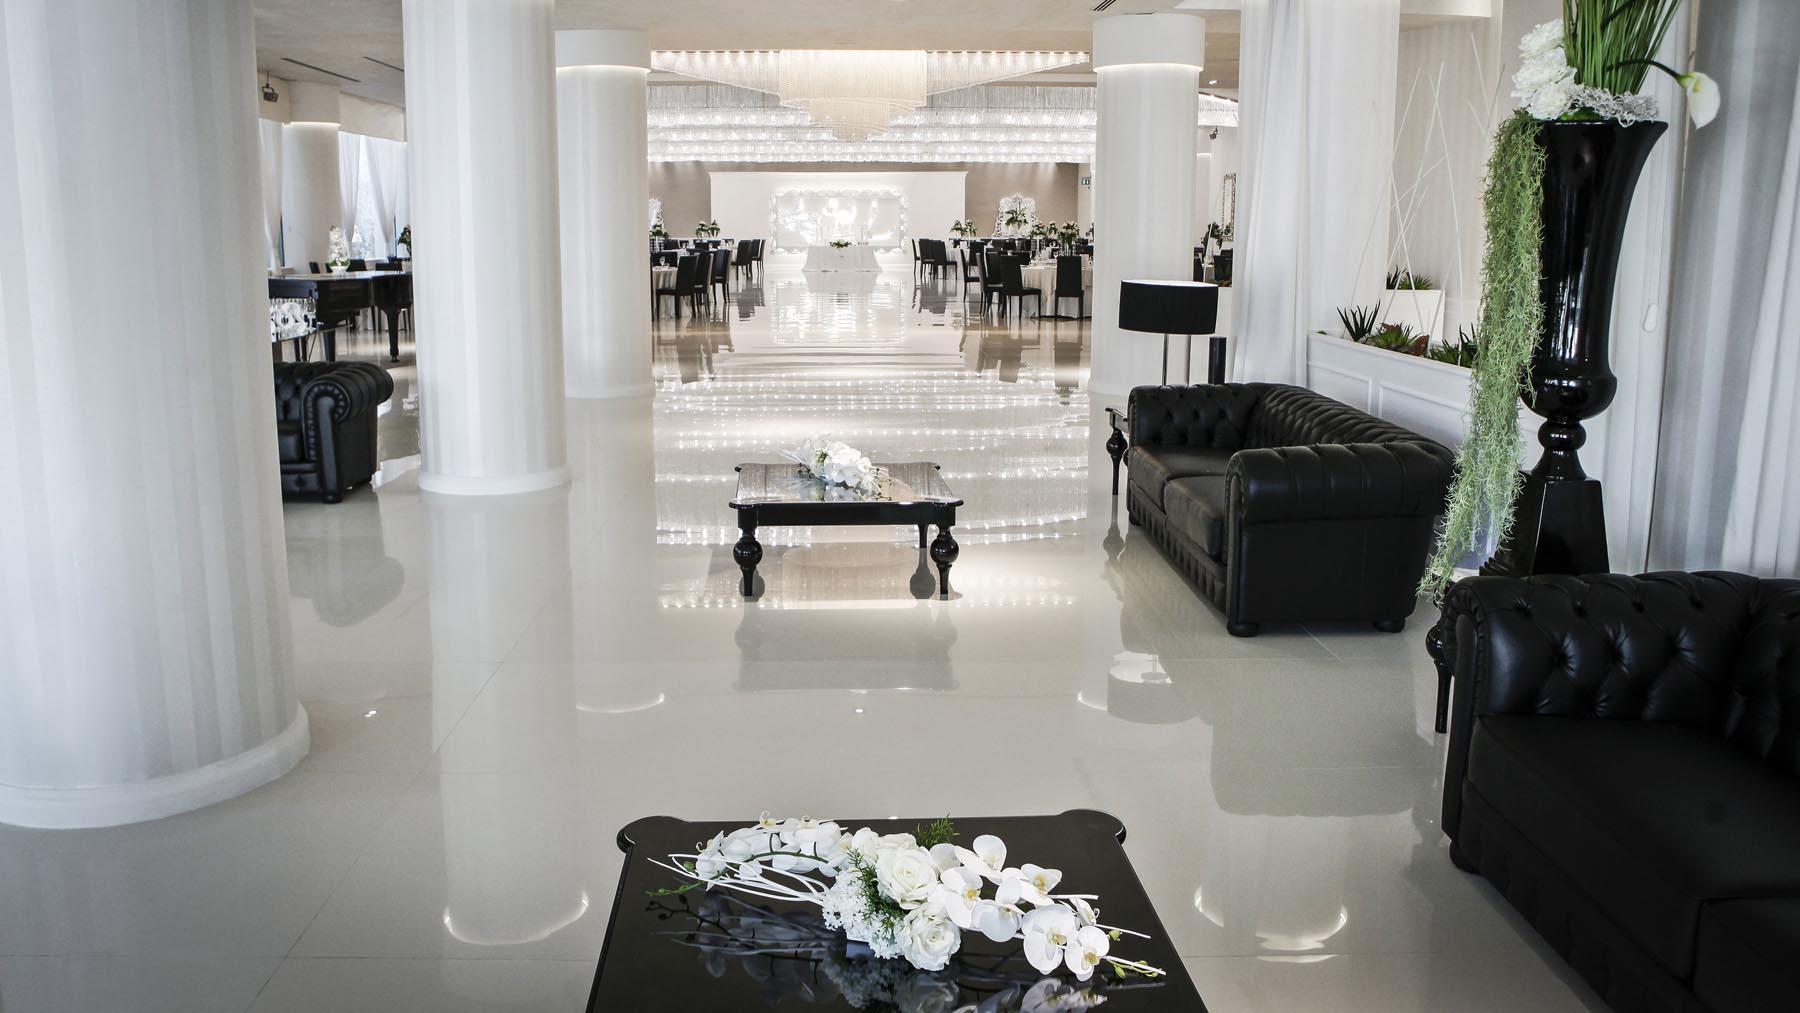 Dea-Ebe-Black-e-White-in-stile-chanel-(13)